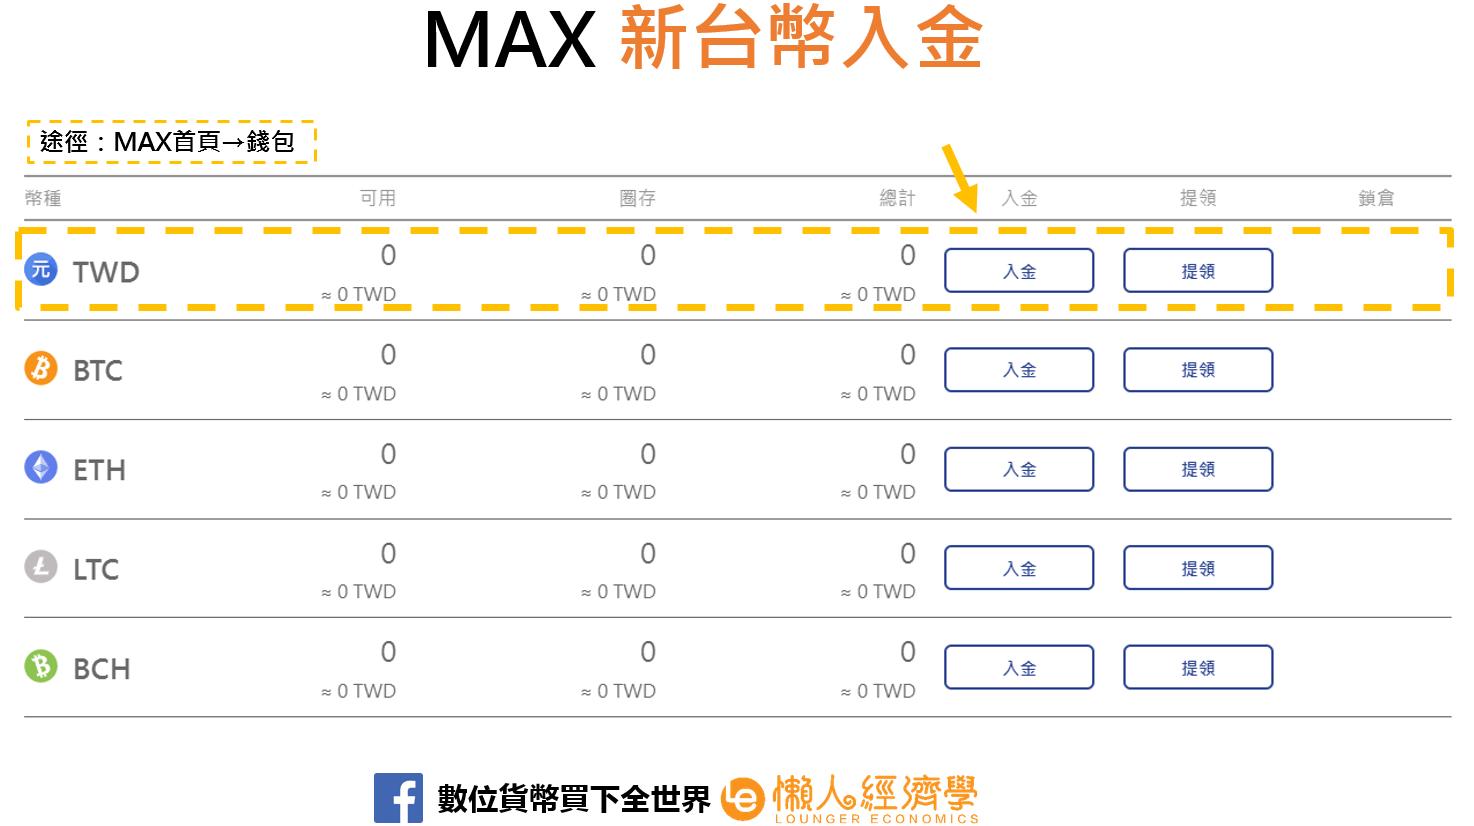 MAX新台幣入金